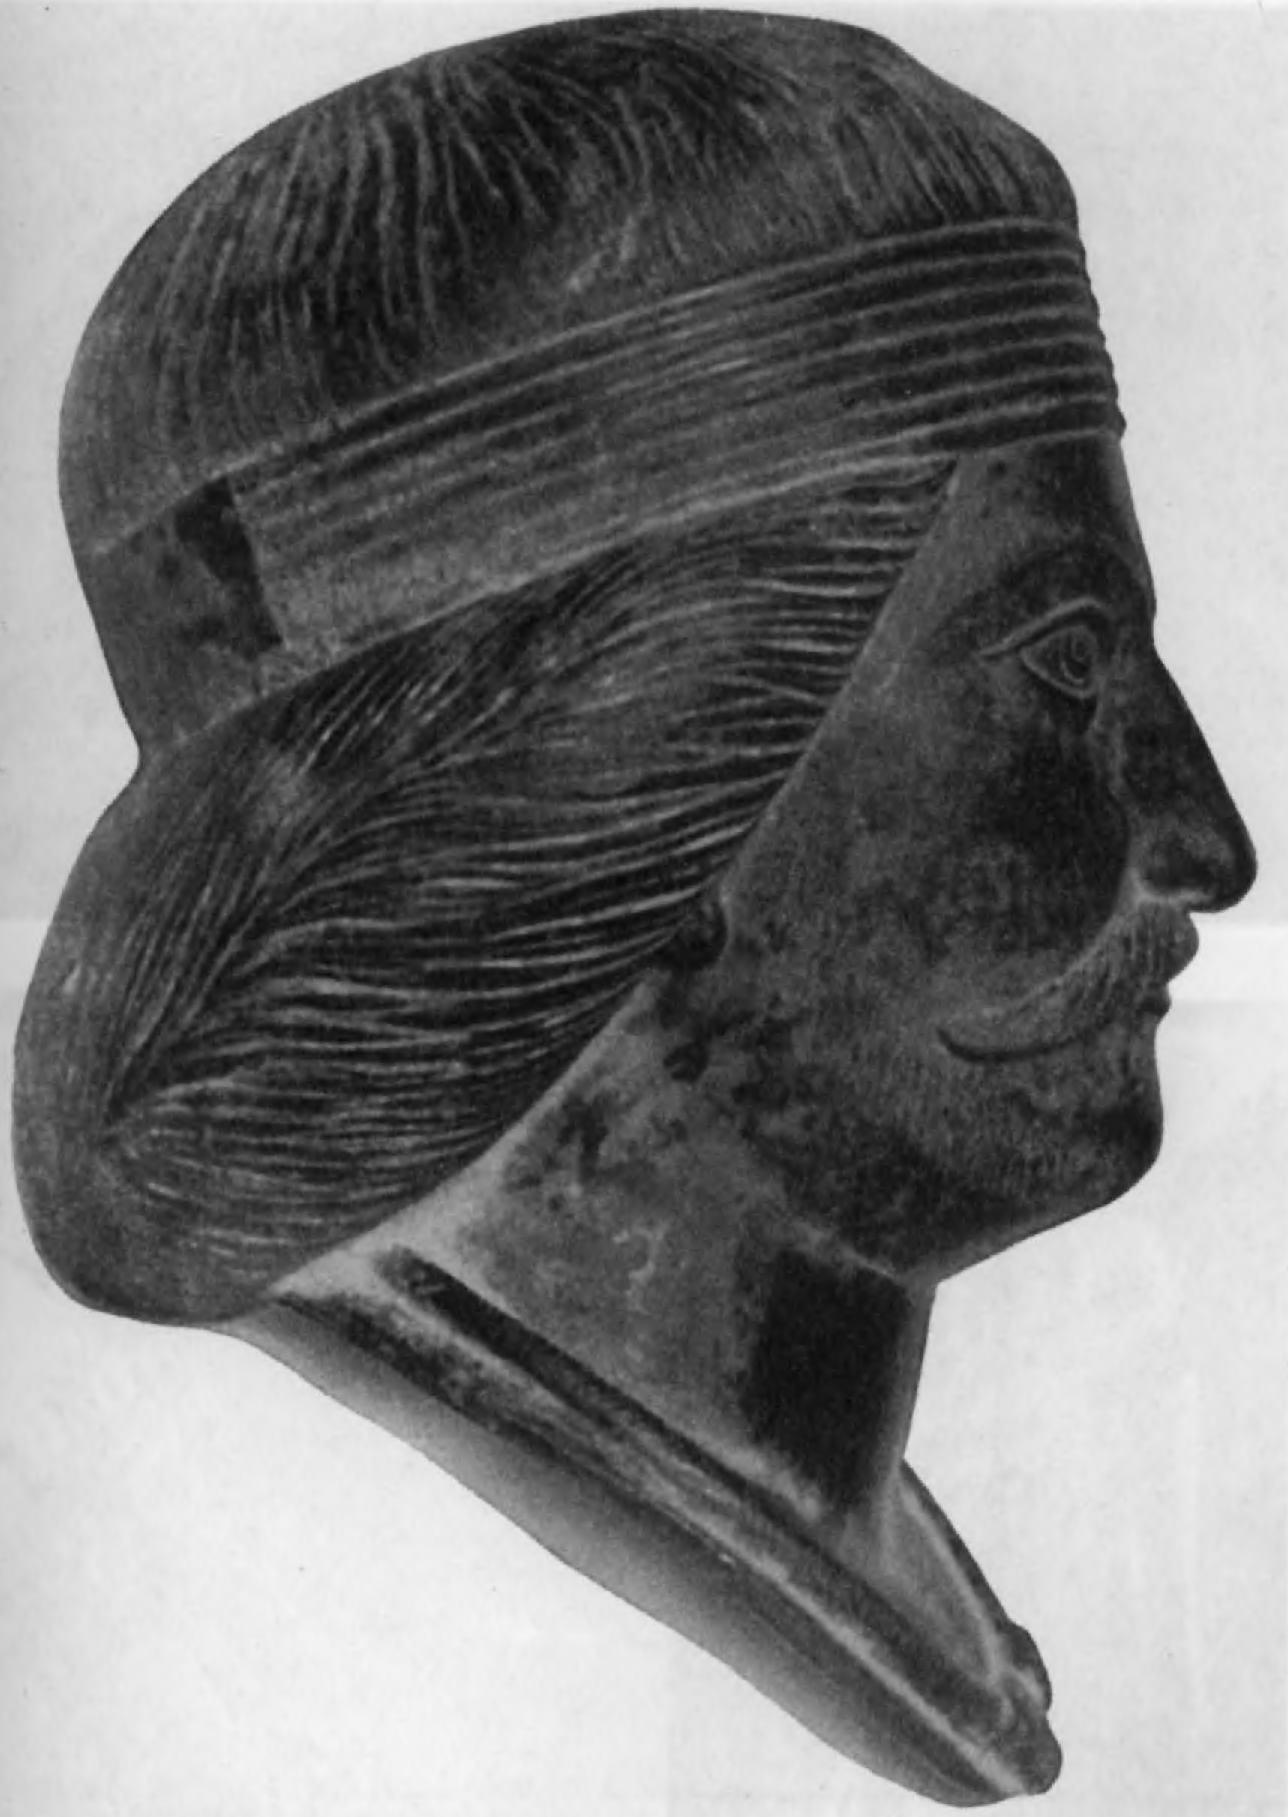 74.Бронзовая голова статуи парфянского вельможи (в натуральную величину), найденная в Шами (близ Мапамира). Эта статуя свидетельствует о широкой популярности того, что можно назвать культом обожествленного после смерти царя.